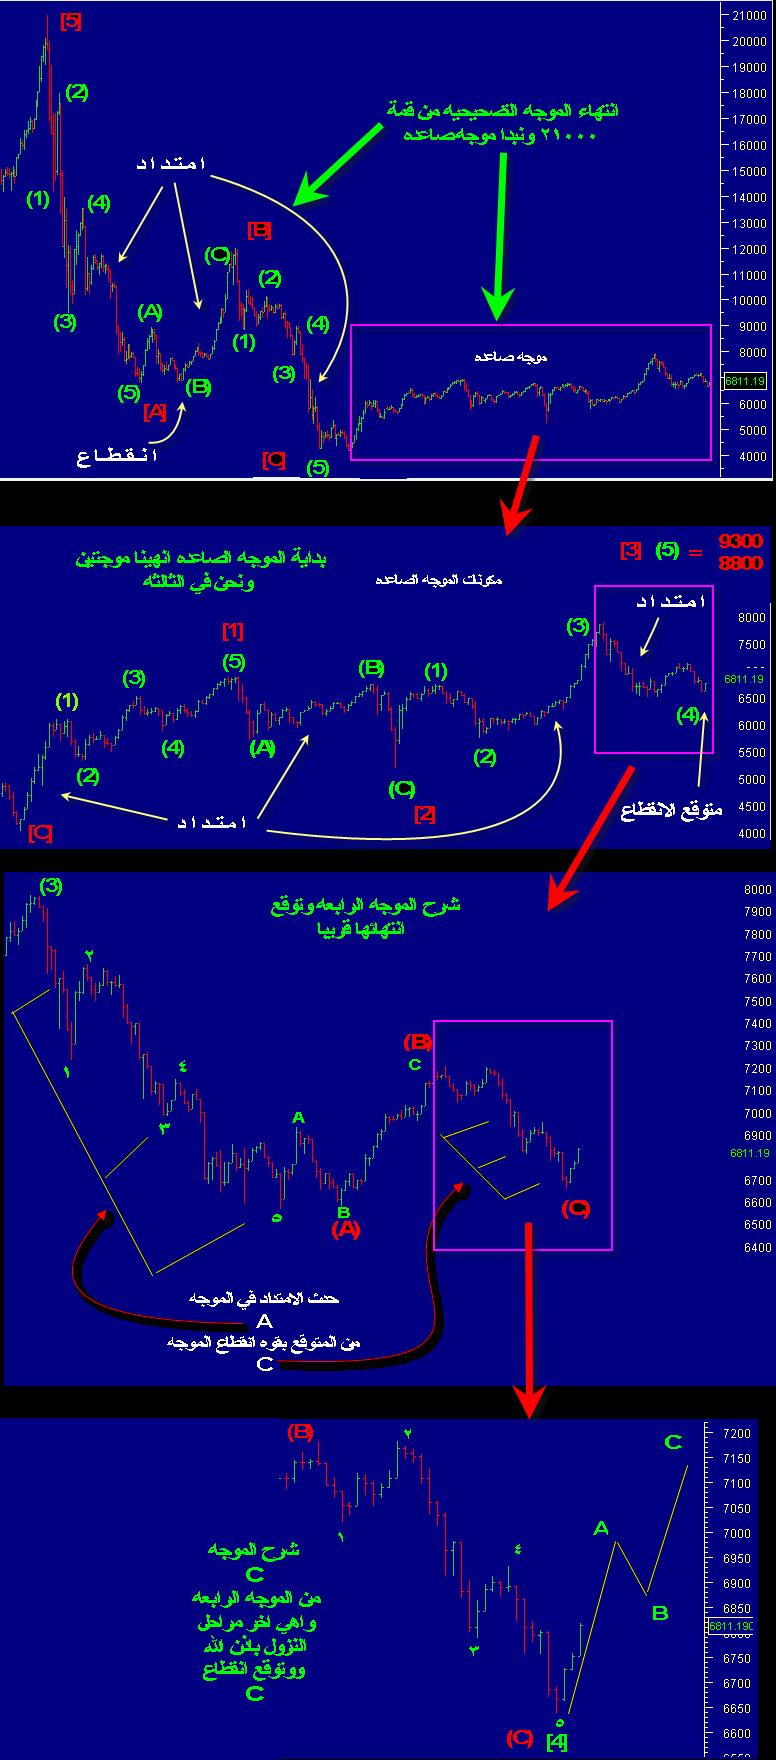 تاسي تحليل متدرج لمعرفة الموقع الحالي من التاريخ السابق ( تاسي انهى التصحيح ) نادي خبراء المال